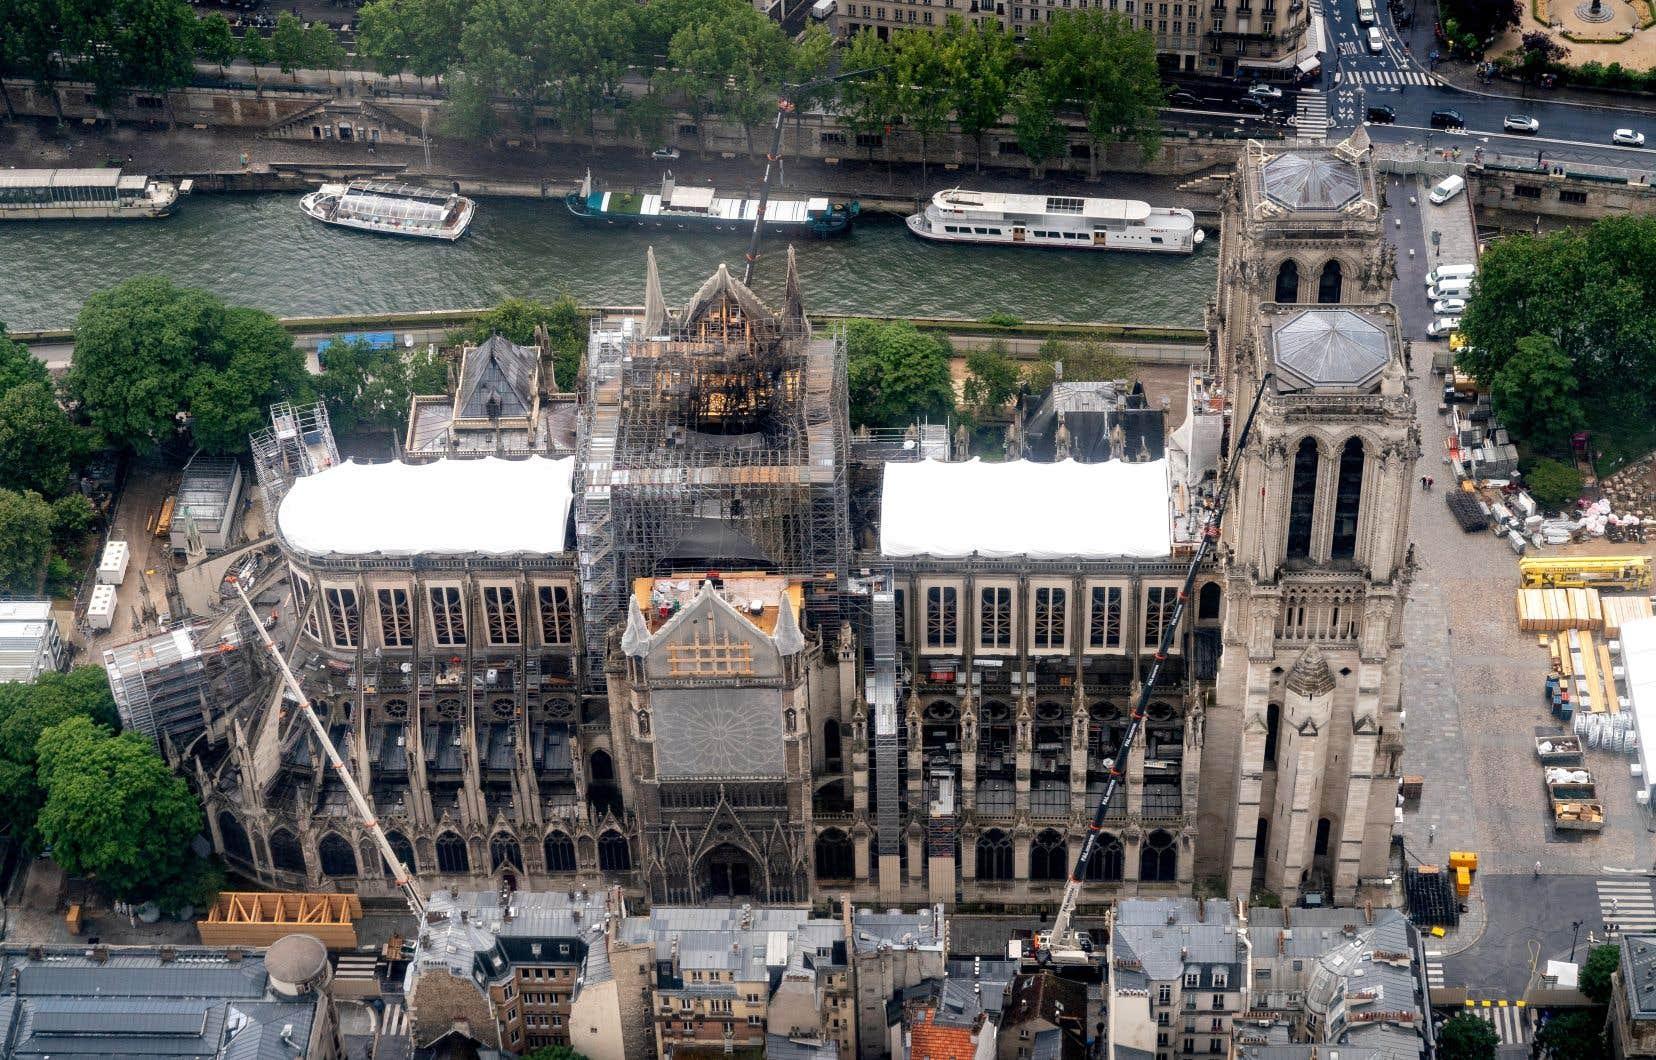 <p>La cathédrale gothique, vieille de plus de 850ans, a perdu sa flèche, sa toiture, son horloge et une partie de sa voûte, ravagées par les flammes le 15avril, alors que des opérations de restauration étaient en cours.</p>